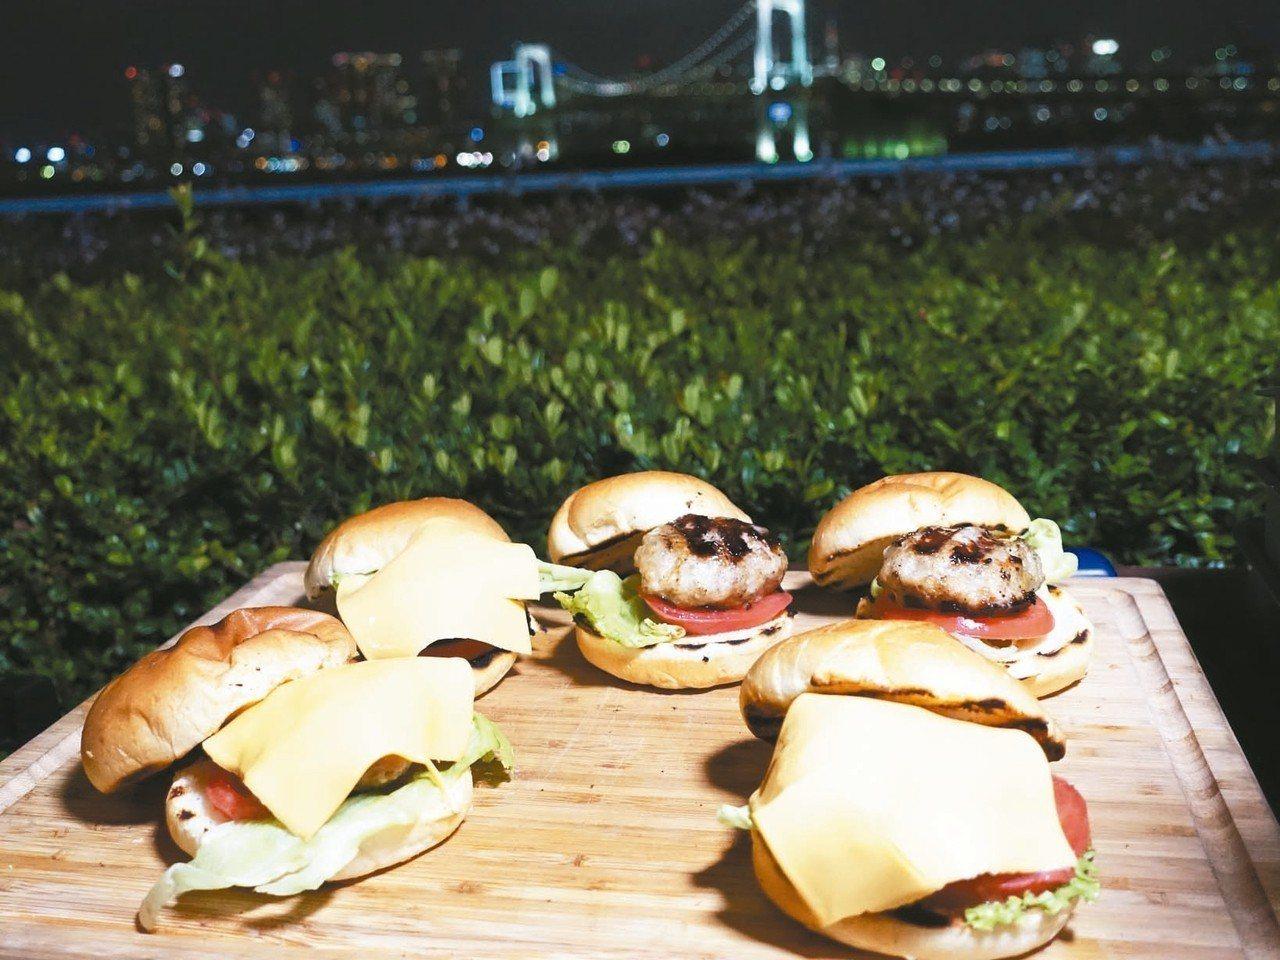 現烤美式漢堡,肉質細緻多汁。 記者張芳瑜/攝影